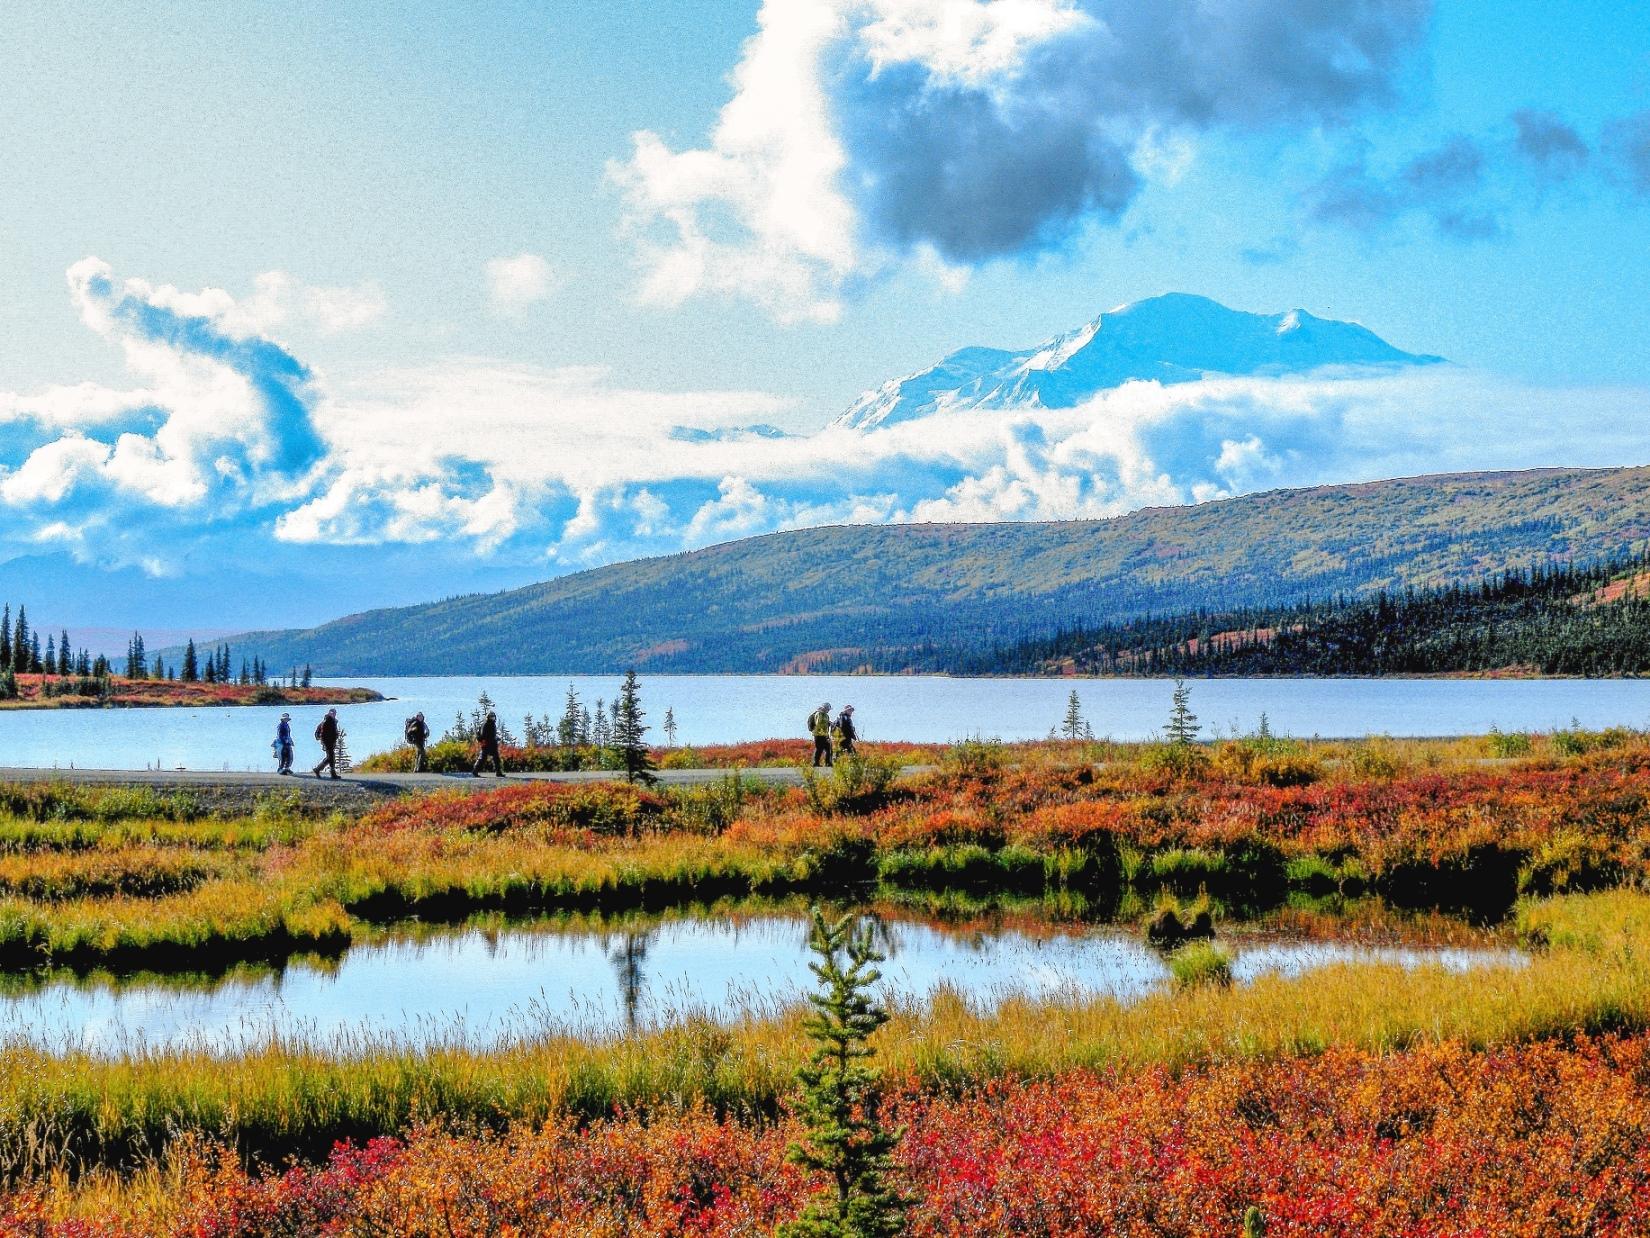 """""""偉大なるもの""""の意味にふさわしい北米最高峰Mt.デナリ(6191m)の雄姿"""